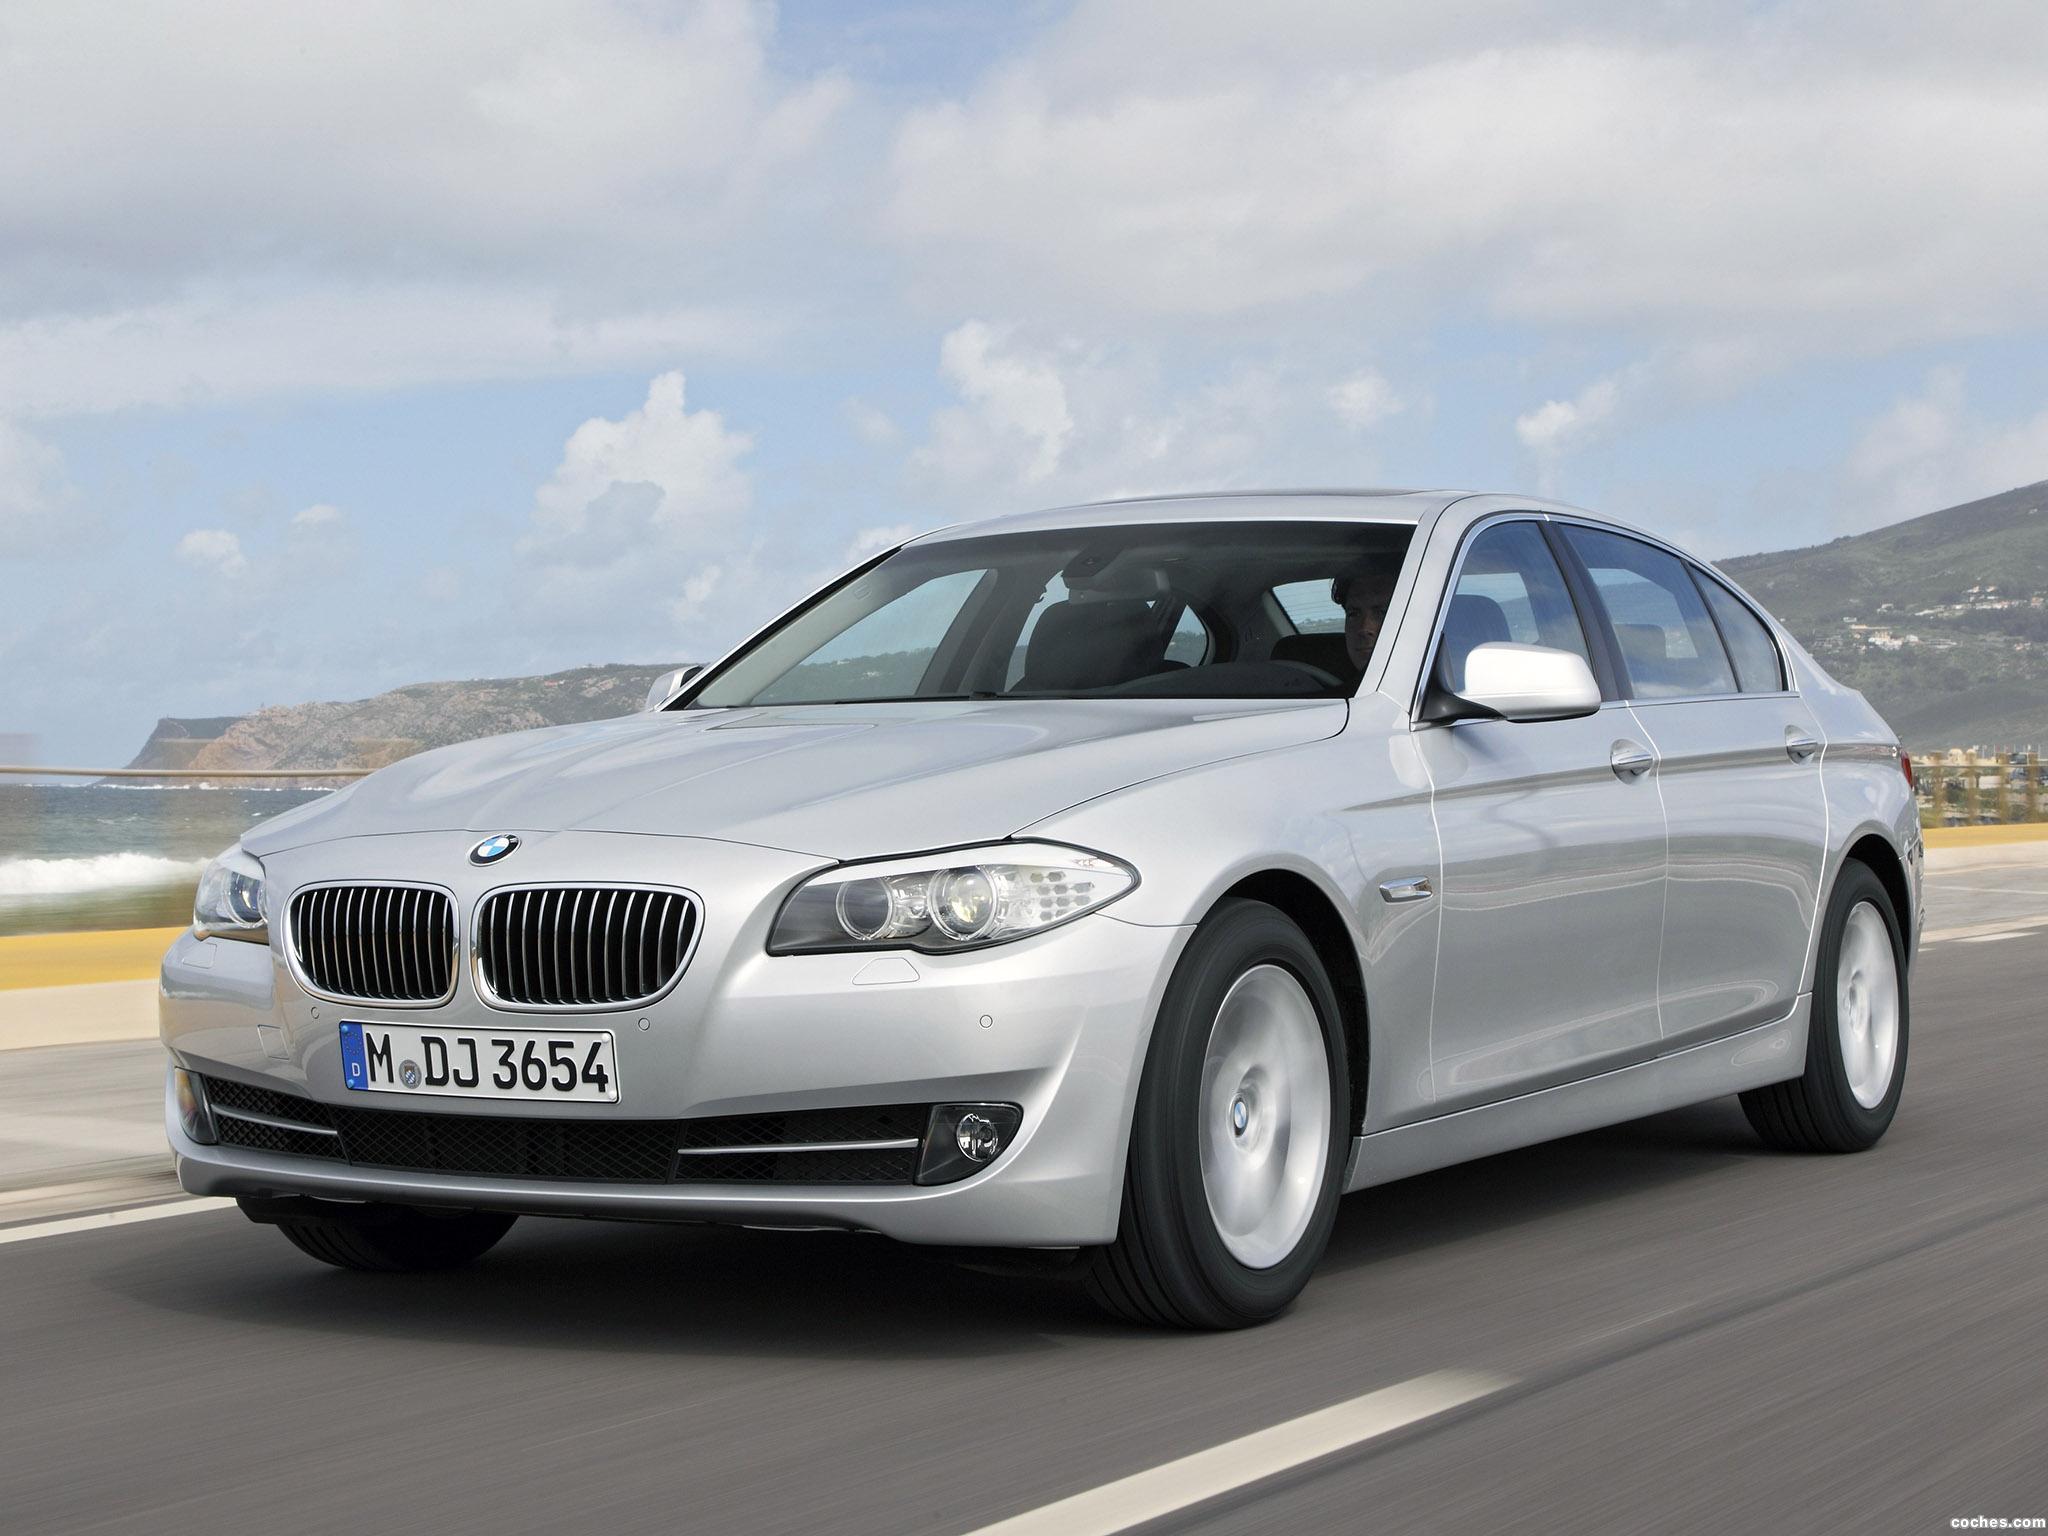 Foto 0 de BMW Li LWB 2010